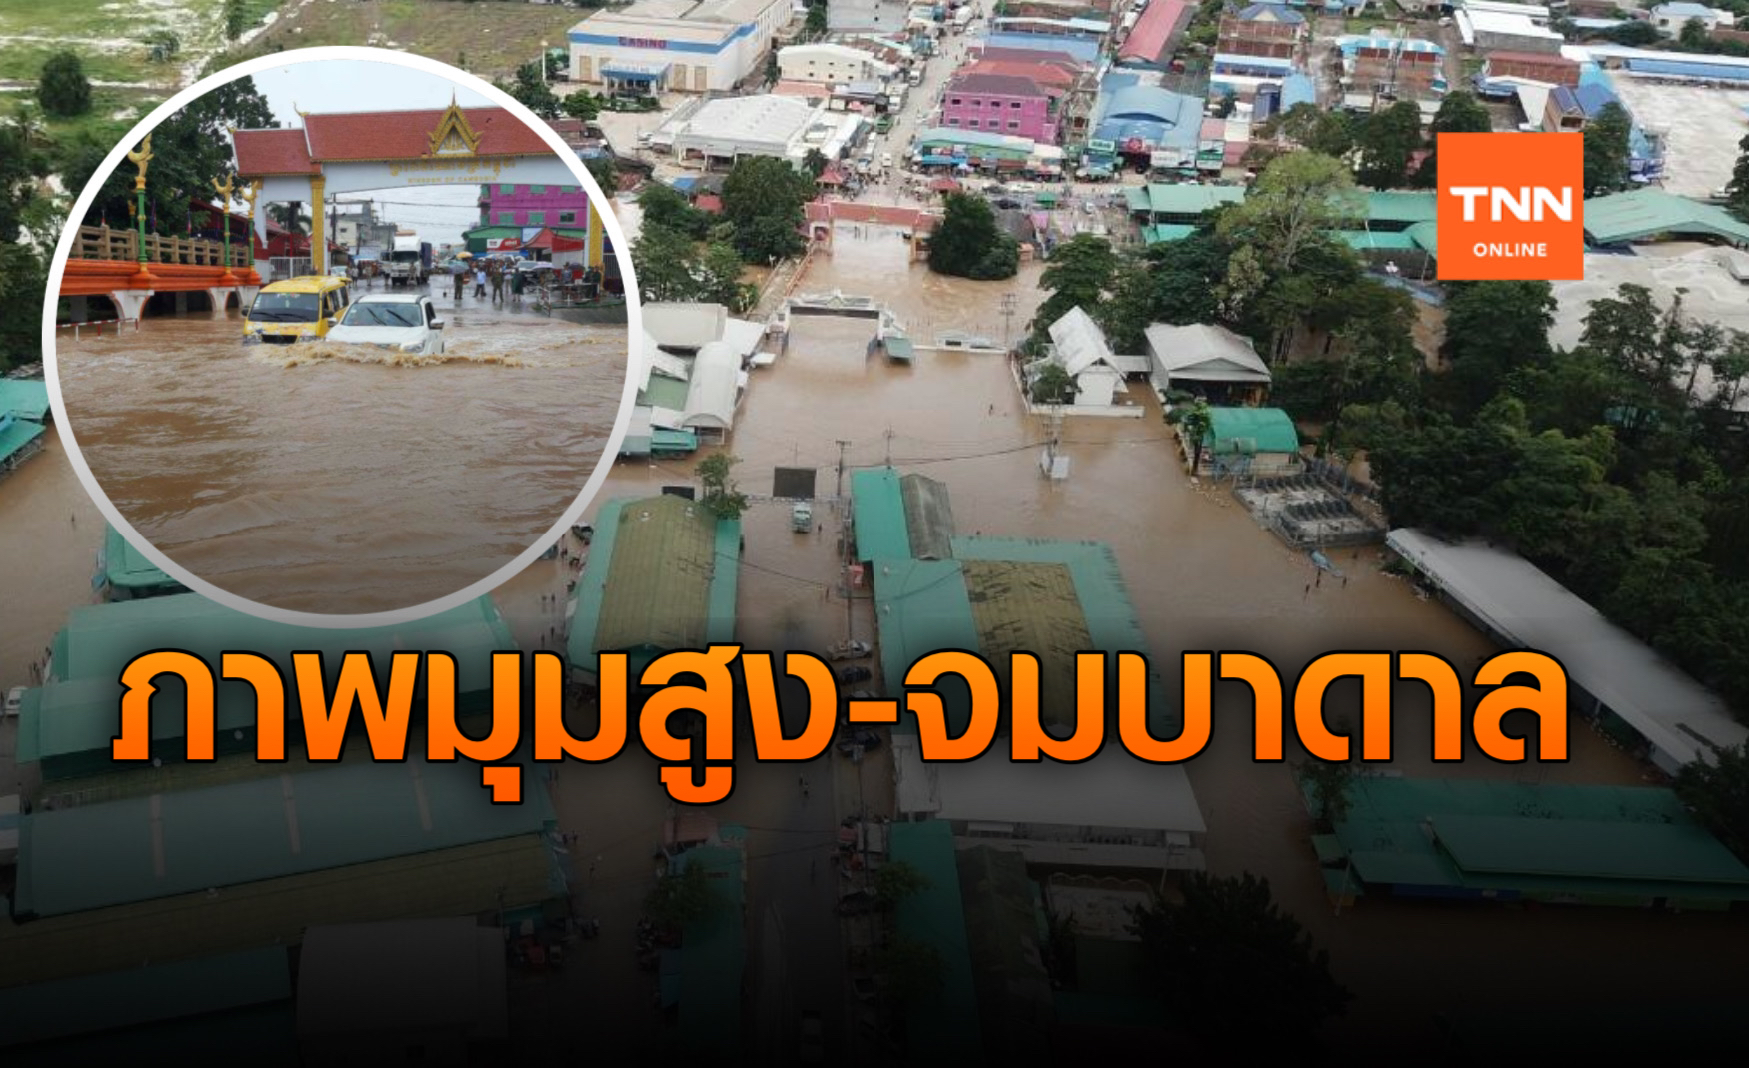 น้ำป่าไหลท่วมกลางดึก! ตลาดบ้านแหลมชายแดนไทยจมบาดาล